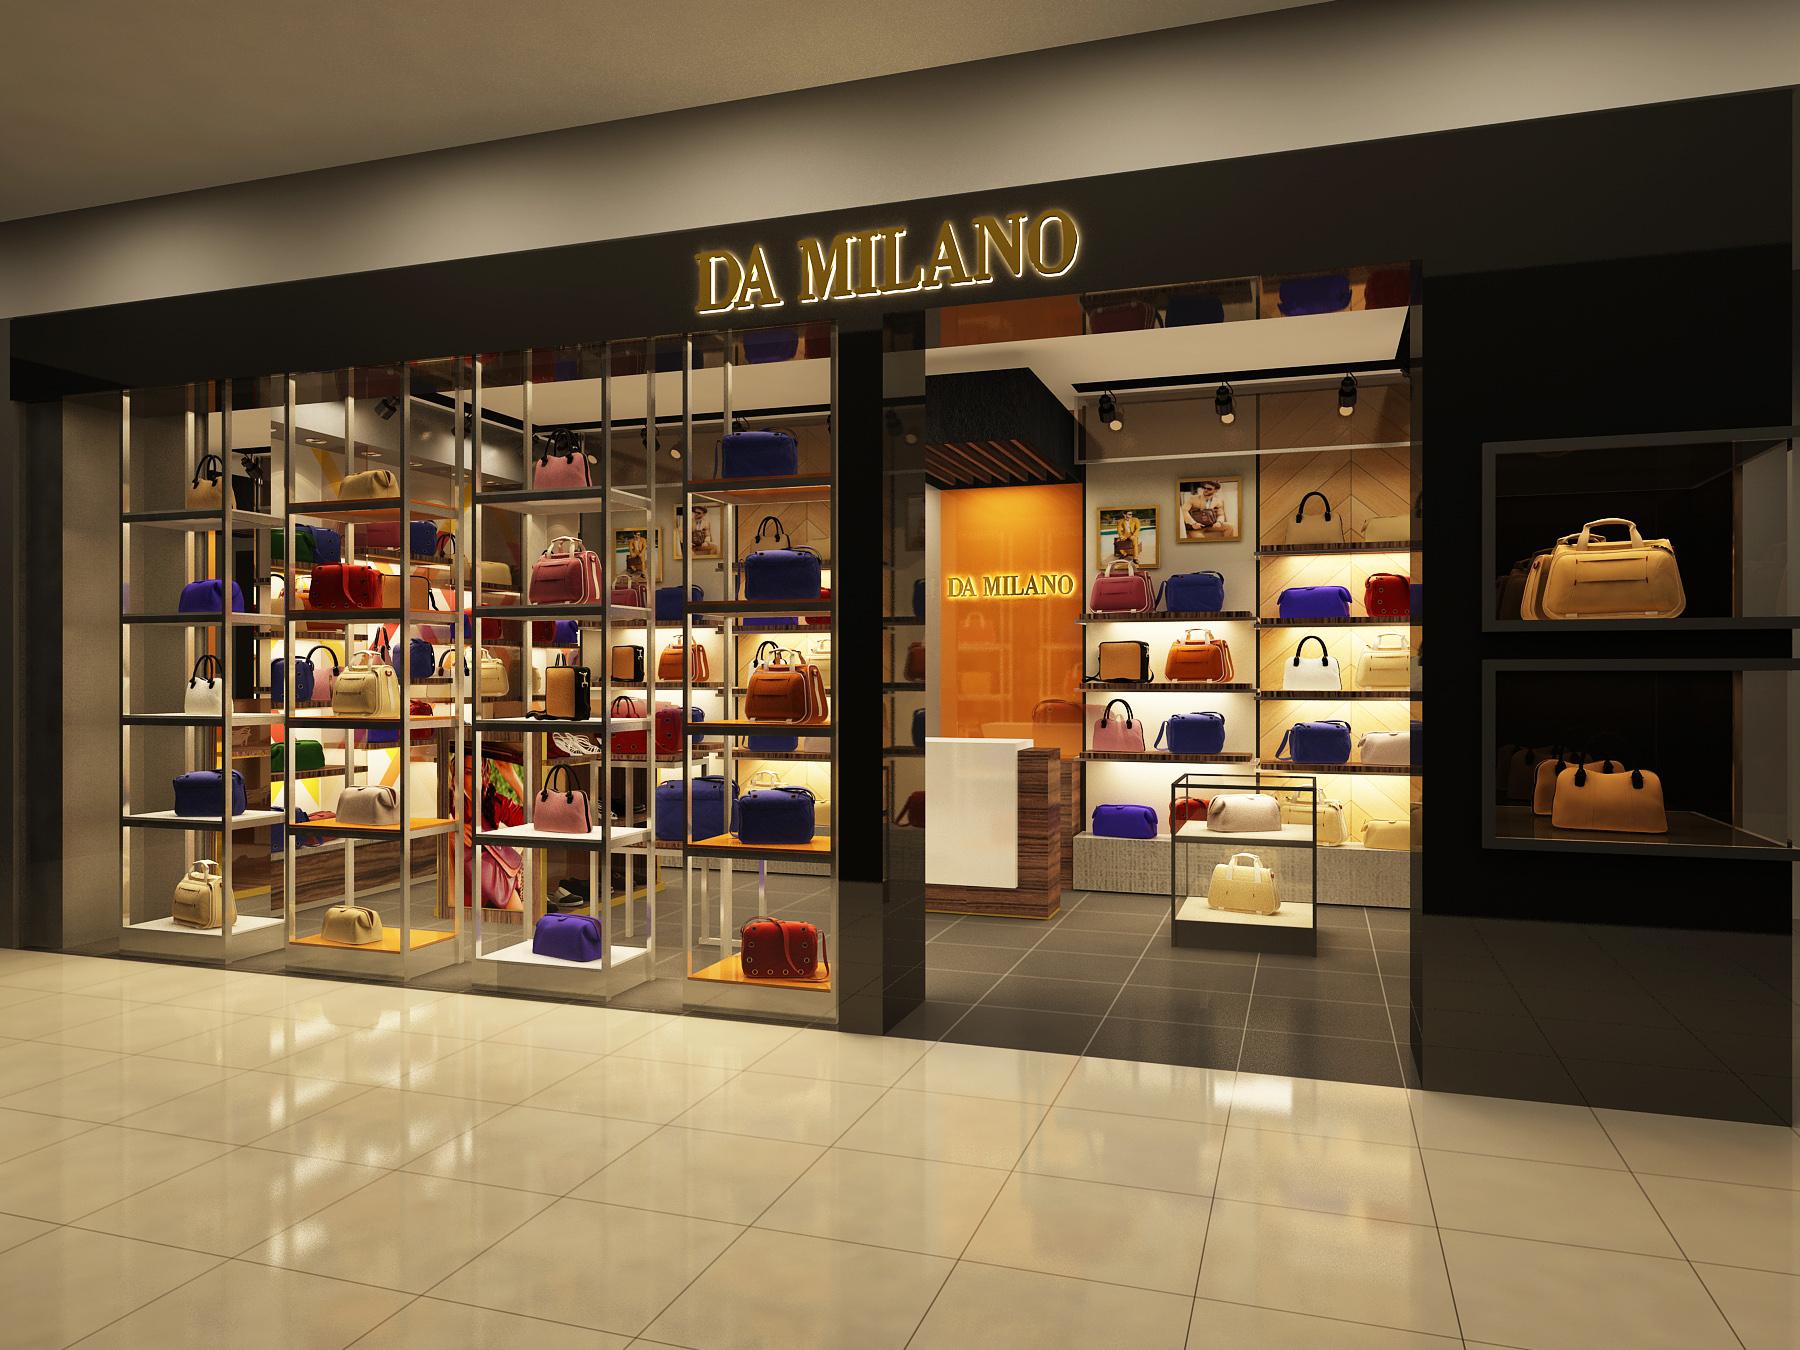 Dubai_DA MILANO_Cam01 copy.jpg